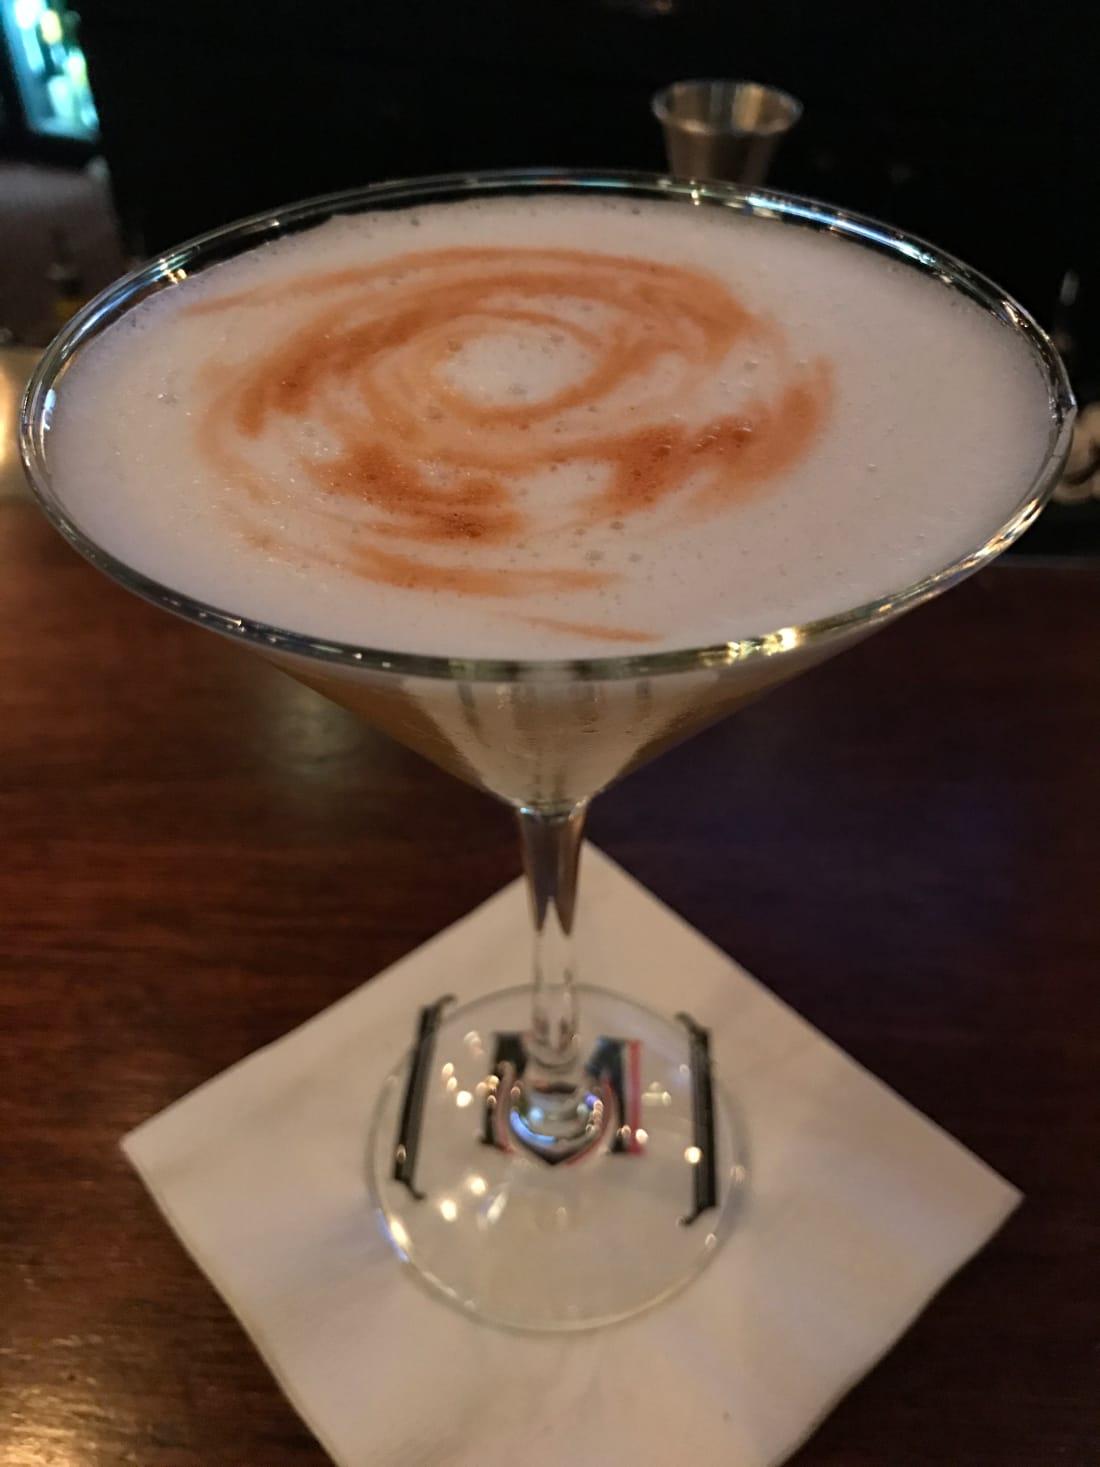 The gold martini